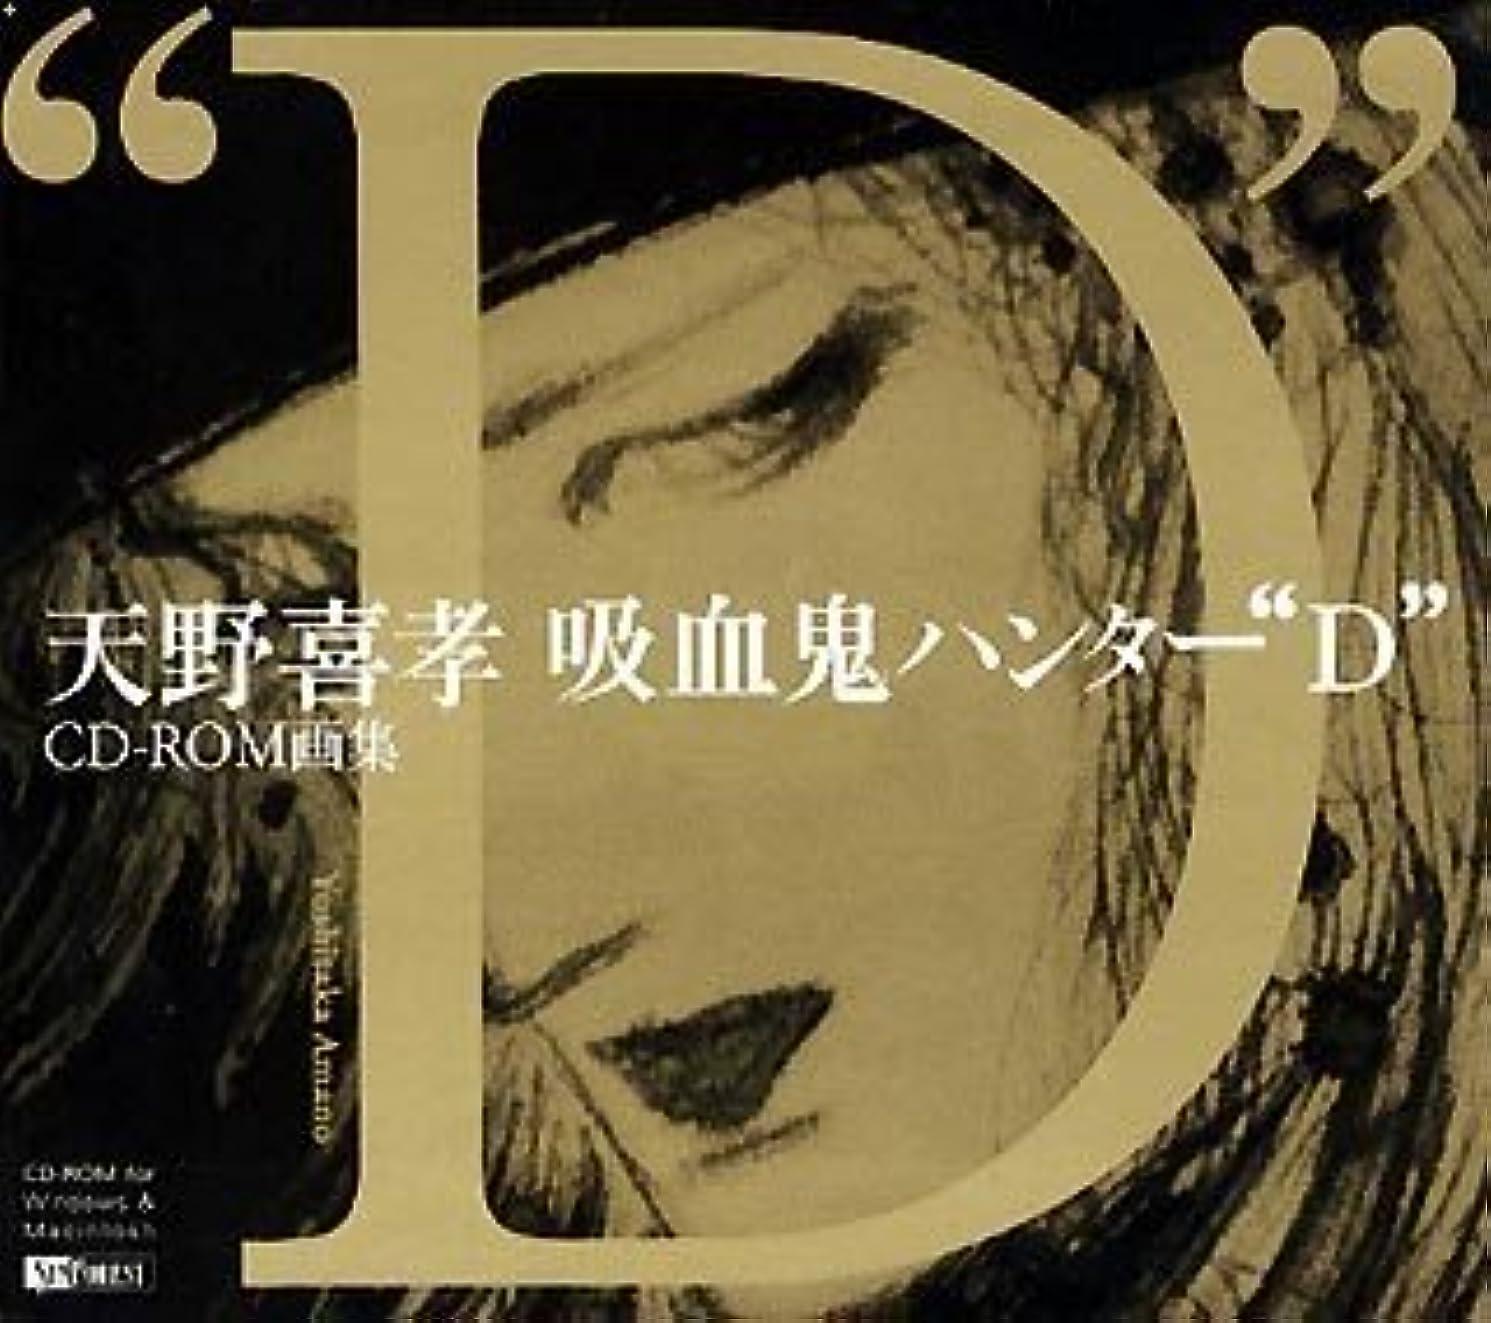 差別化する貨物画家天野喜孝CD-ROM画集 吸血鬼ハンター